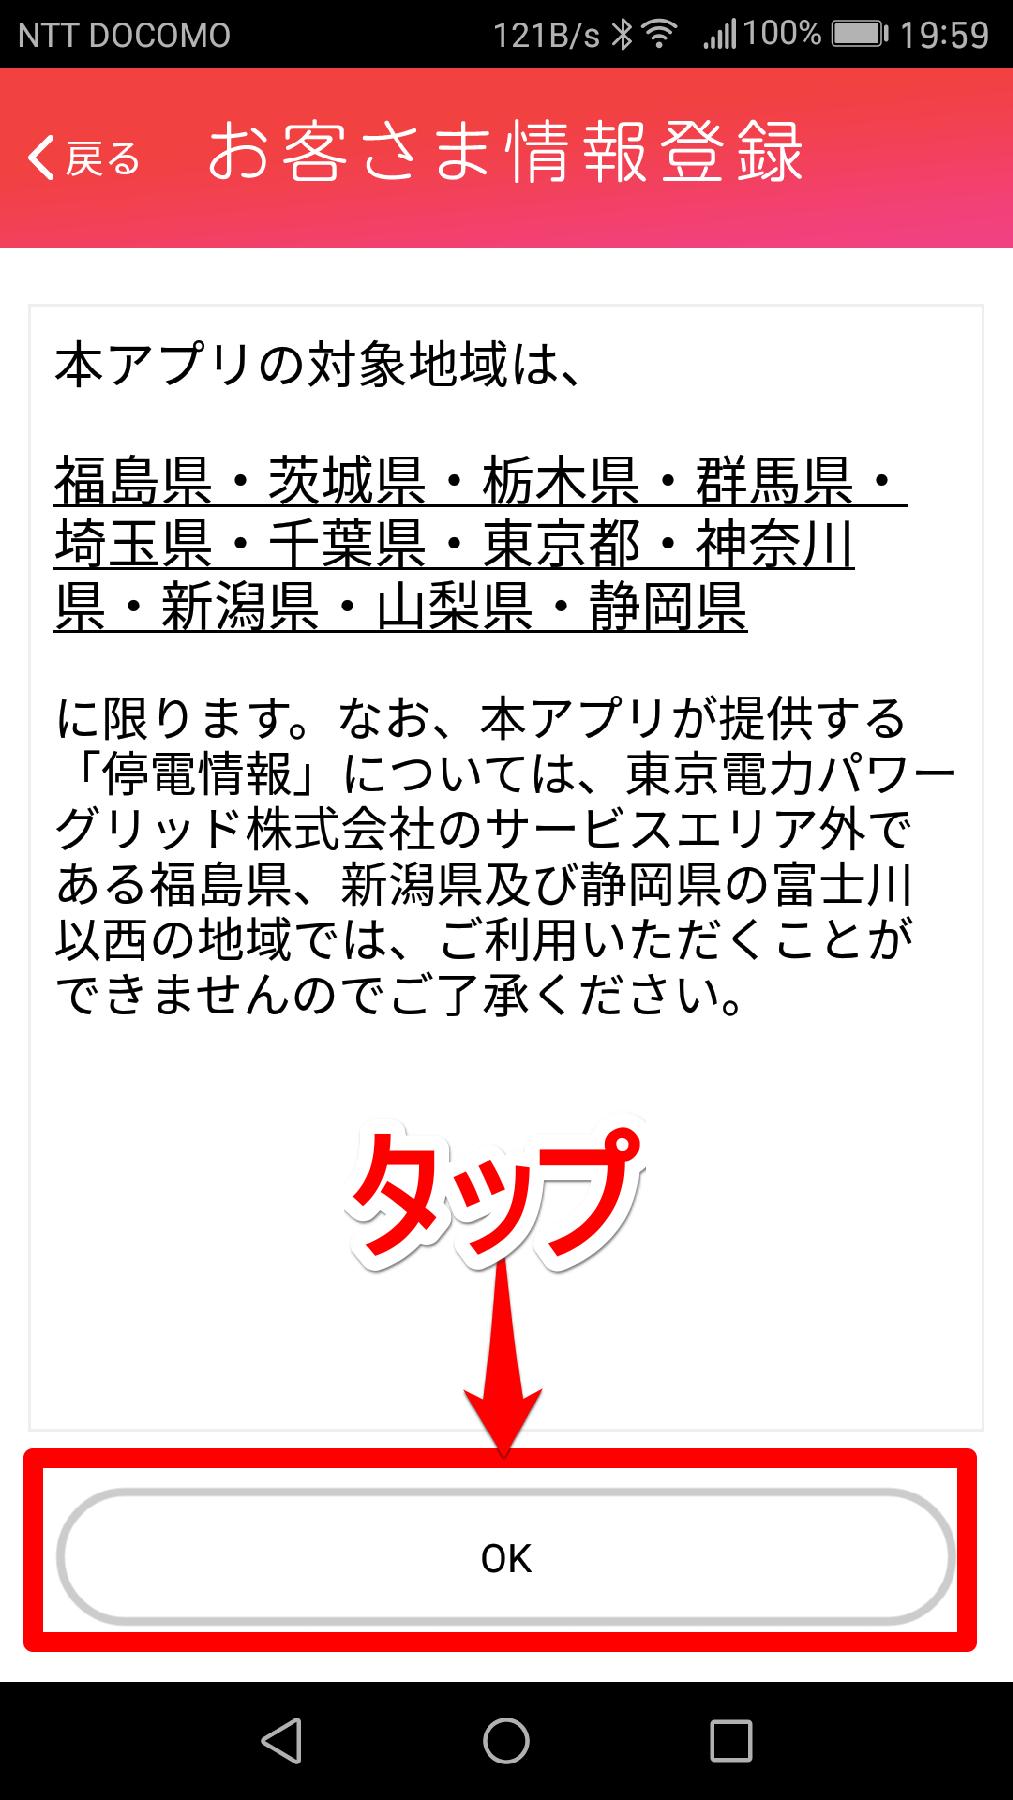 [TEPCO速報]アプリの「お客様情報登録」画面